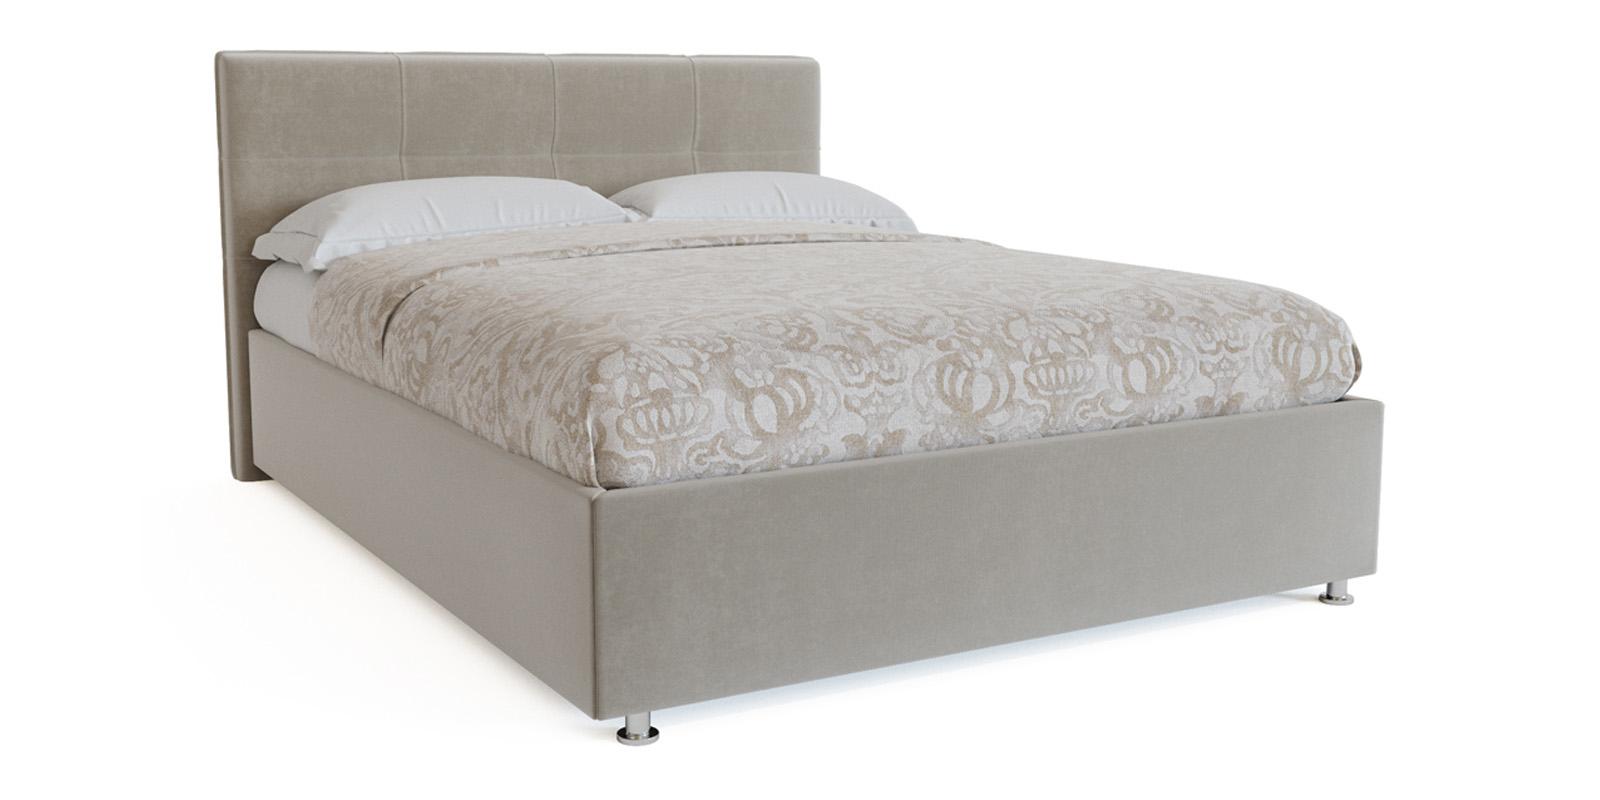 Мягкая кровать 200х140 Неаполь с ортопедическим основанием (Светло-серый)